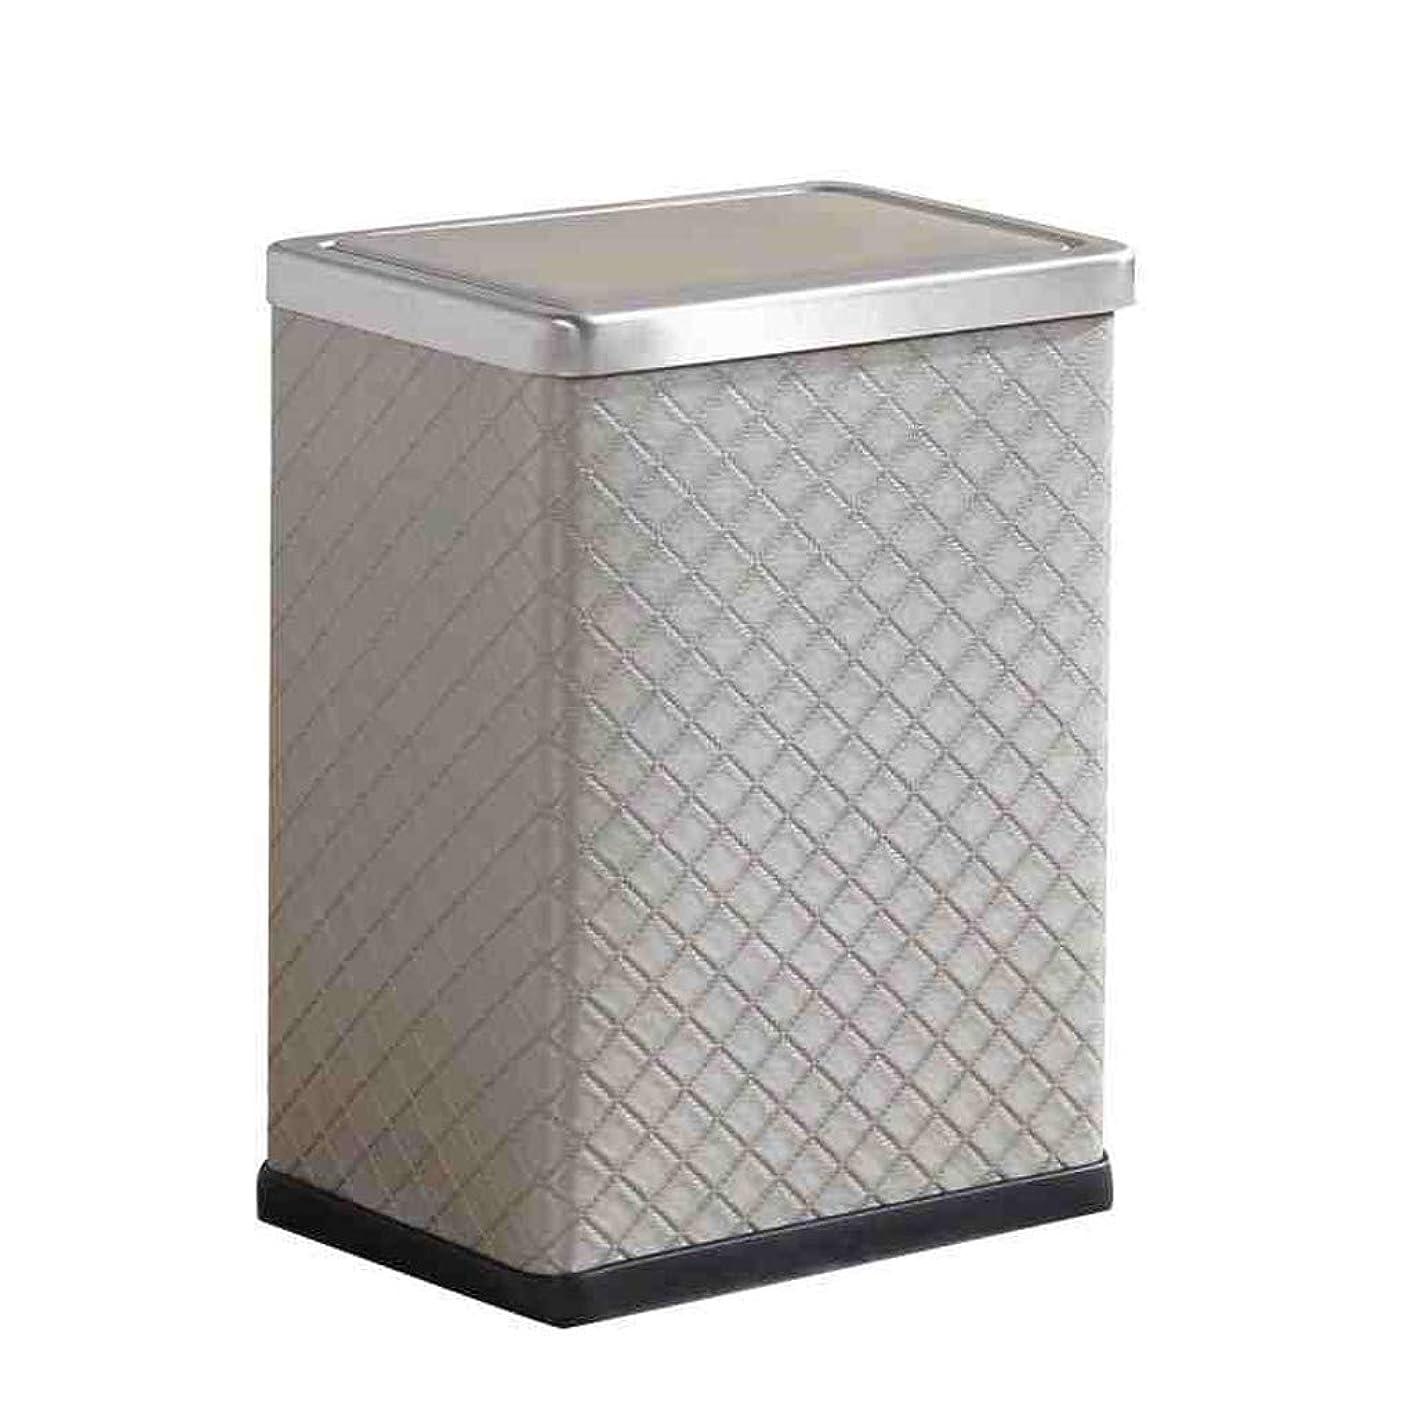 今まで小川証拠屋内ゴミ箱 蓋付きのクリエイティブヨーロッパの革のゴミ箱の家庭の台所バスルーム、リビングルーム